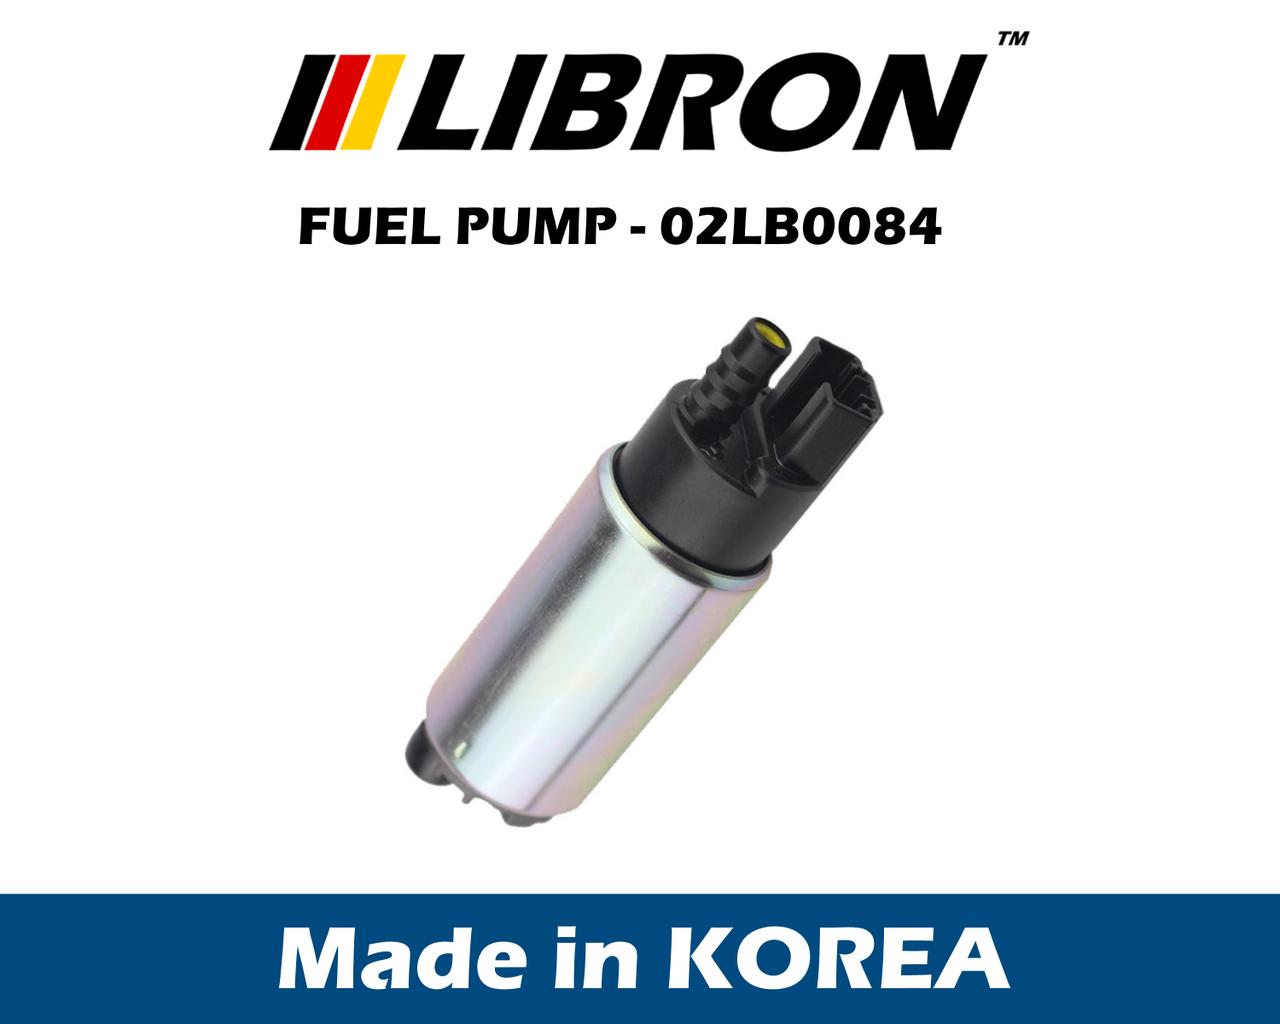 Топливный насос LIBRON 02LB0084 - TOYOTA AVENSIS универсал